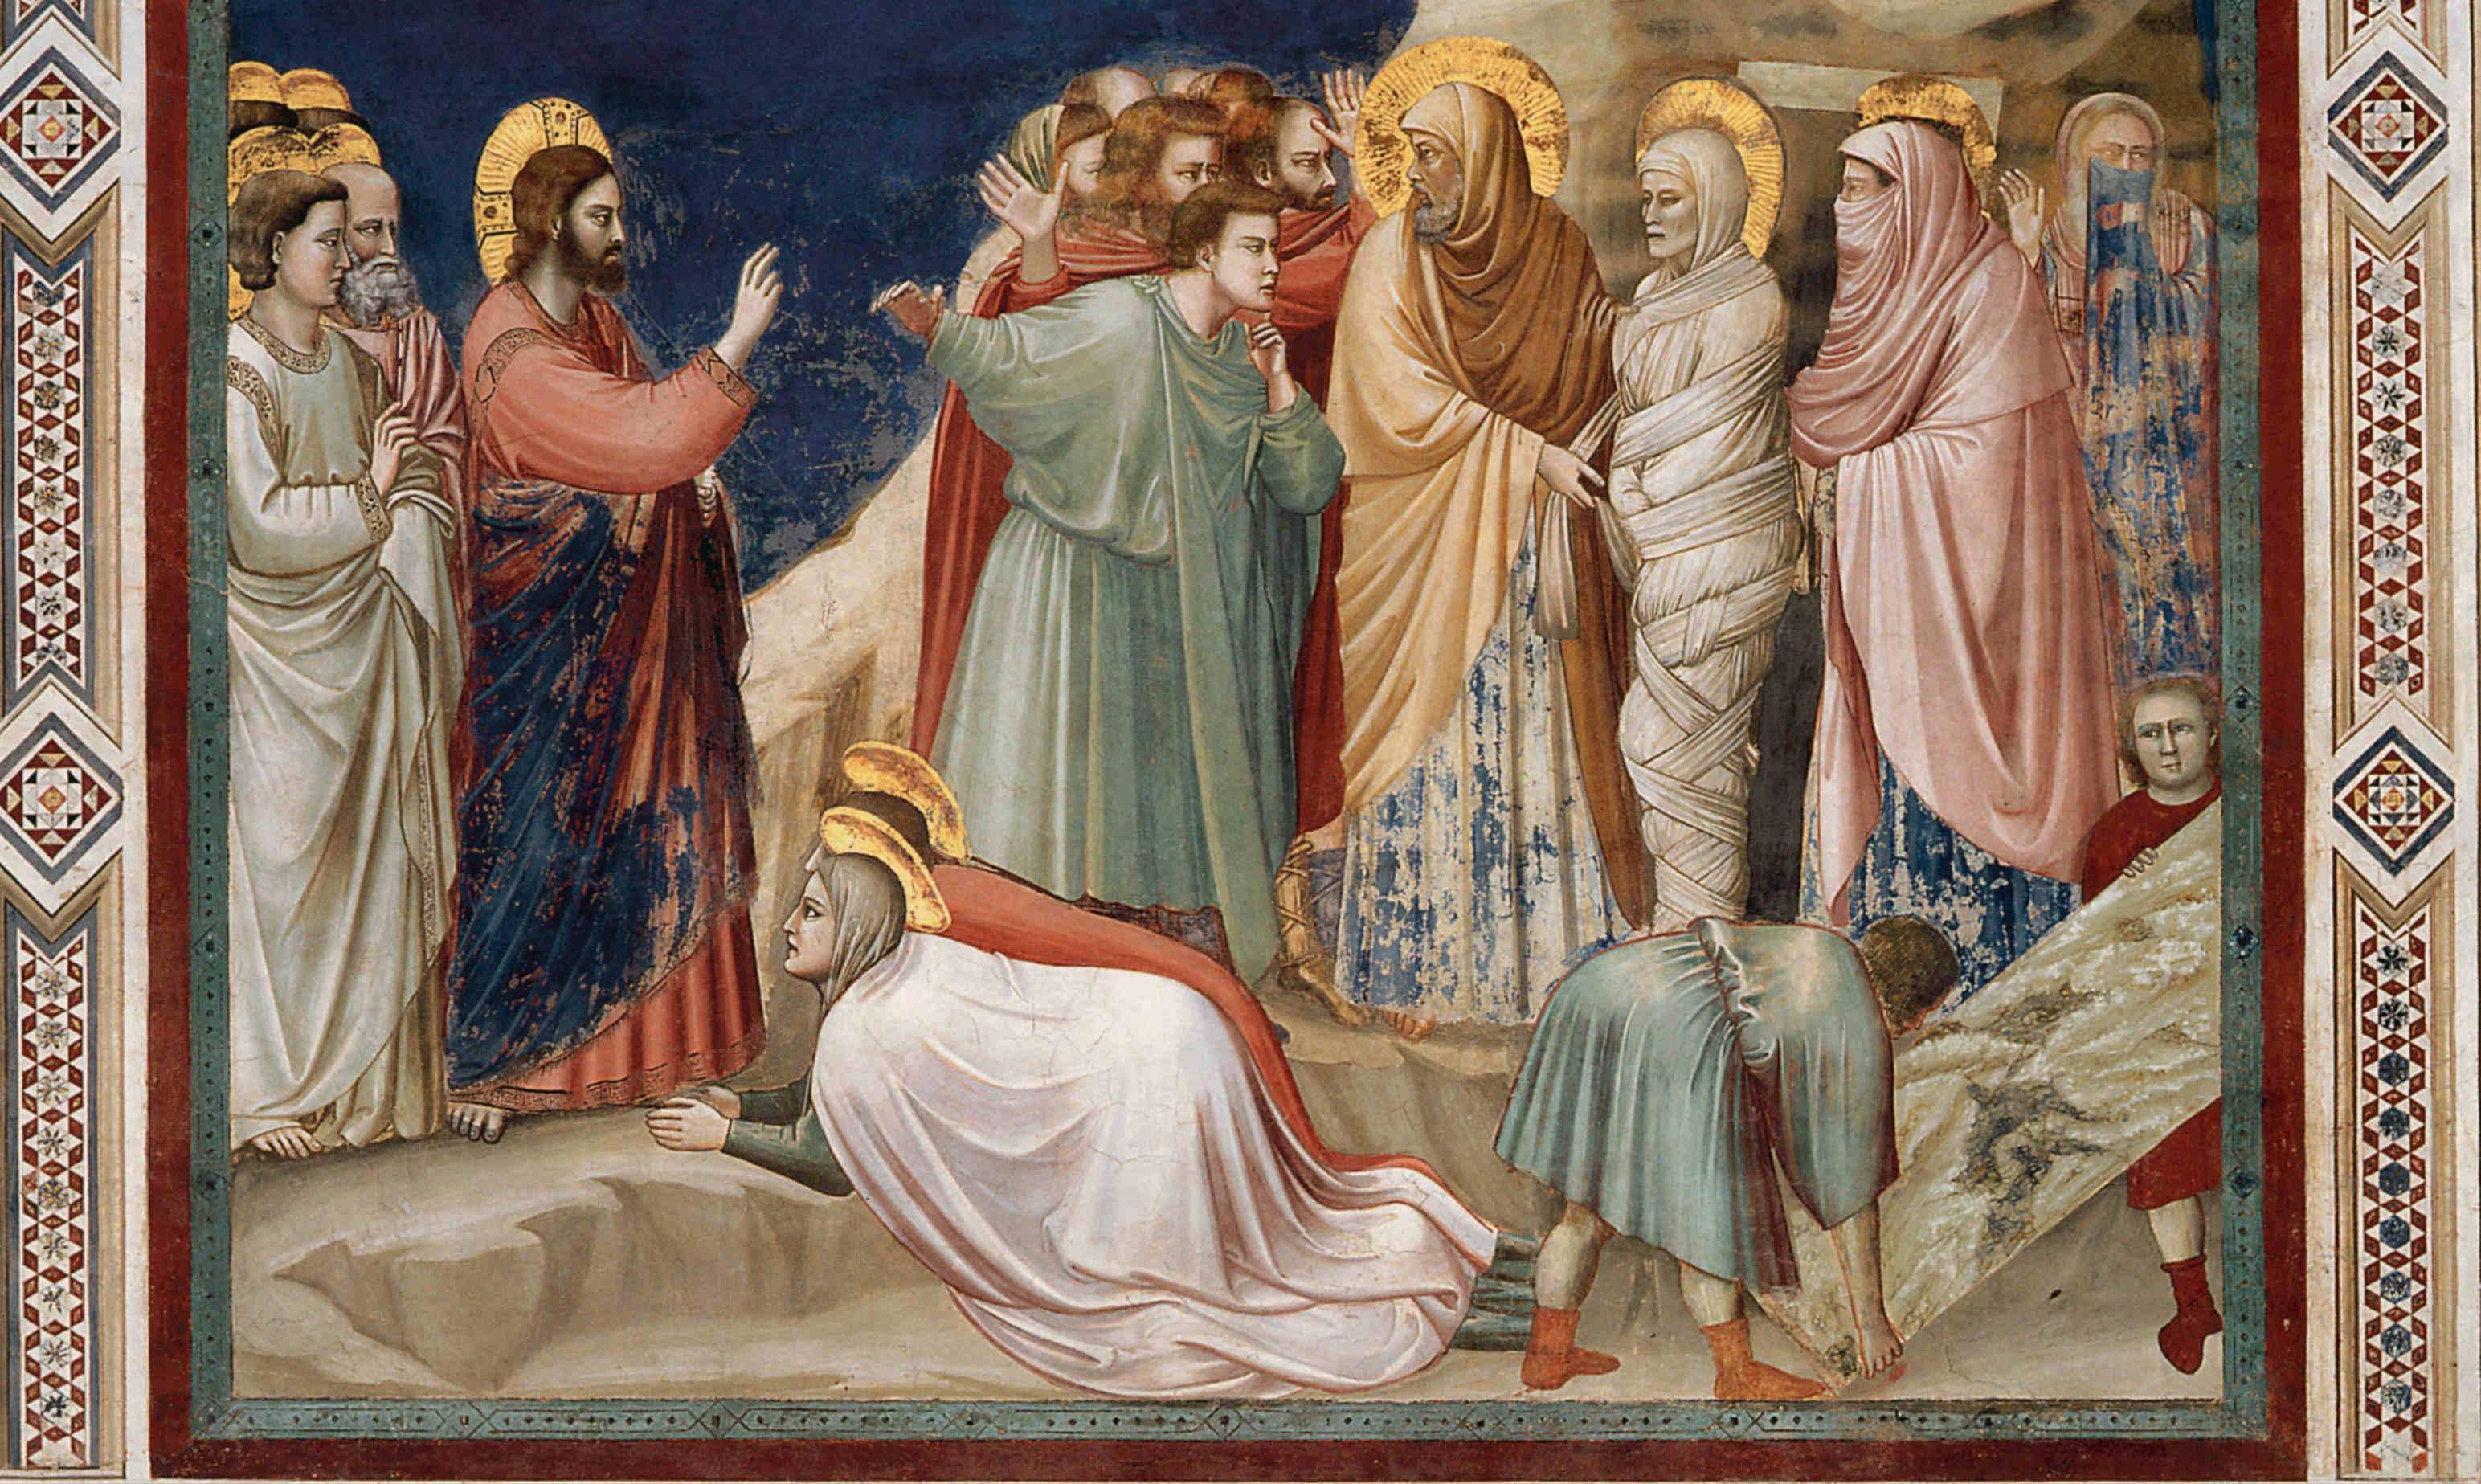 Jesus Christ Raising Lazarus